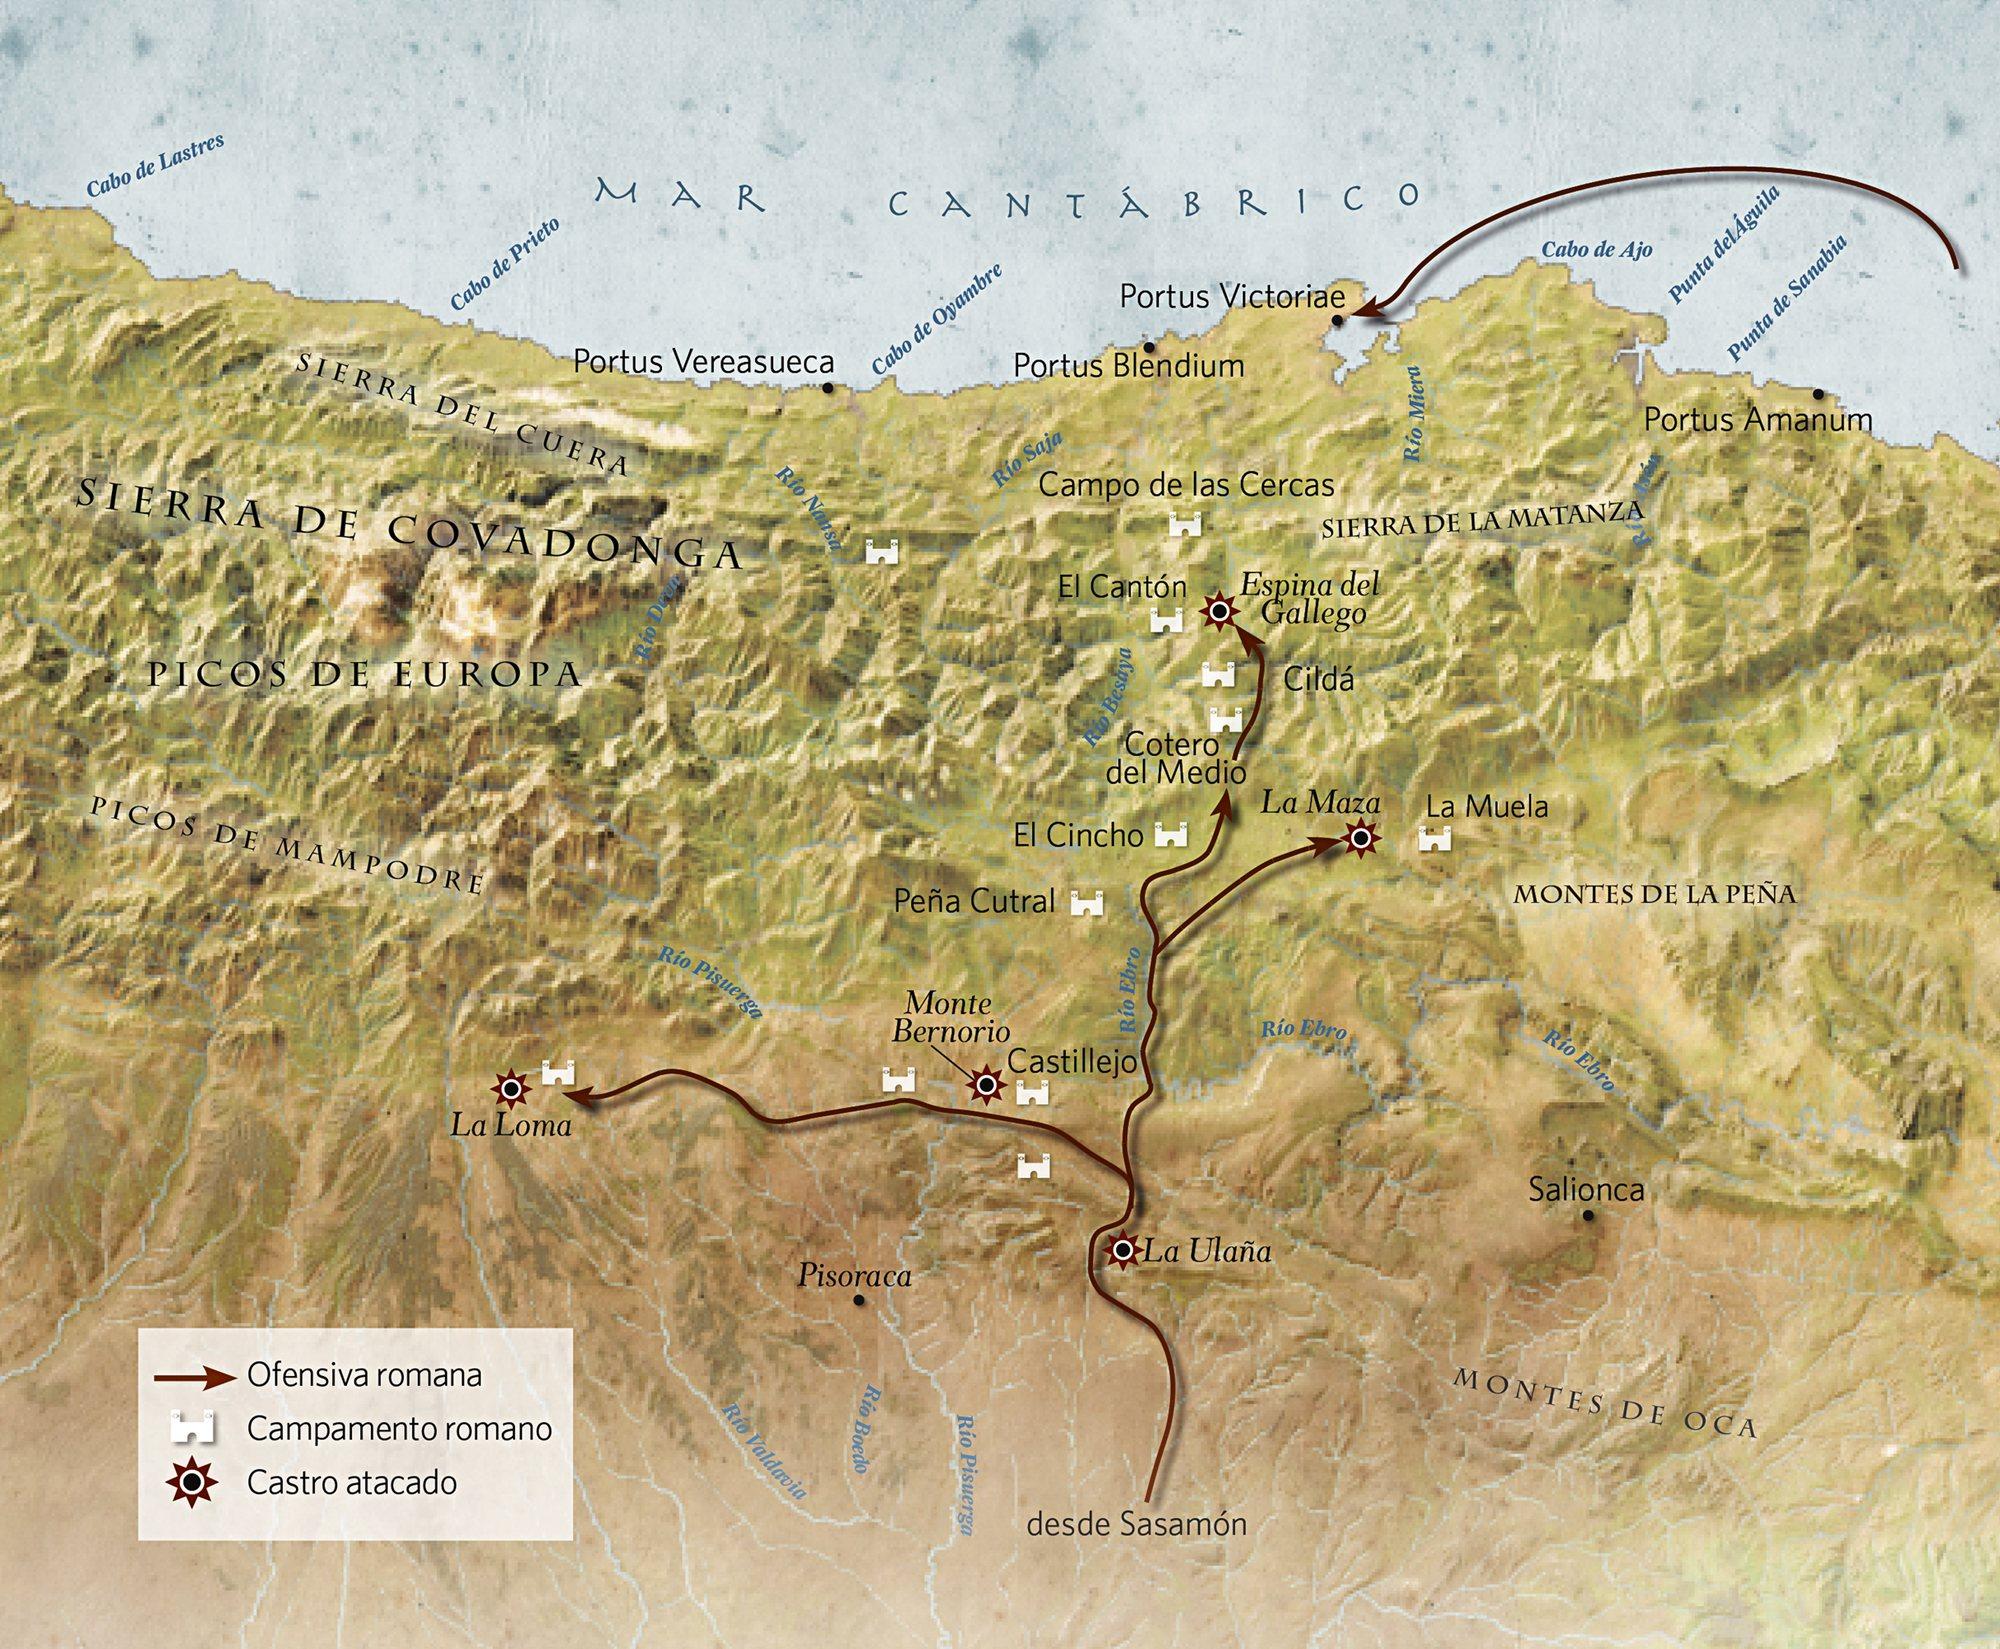 avance por tierra y por mar del ejército romano para invadir territorio cántabro.